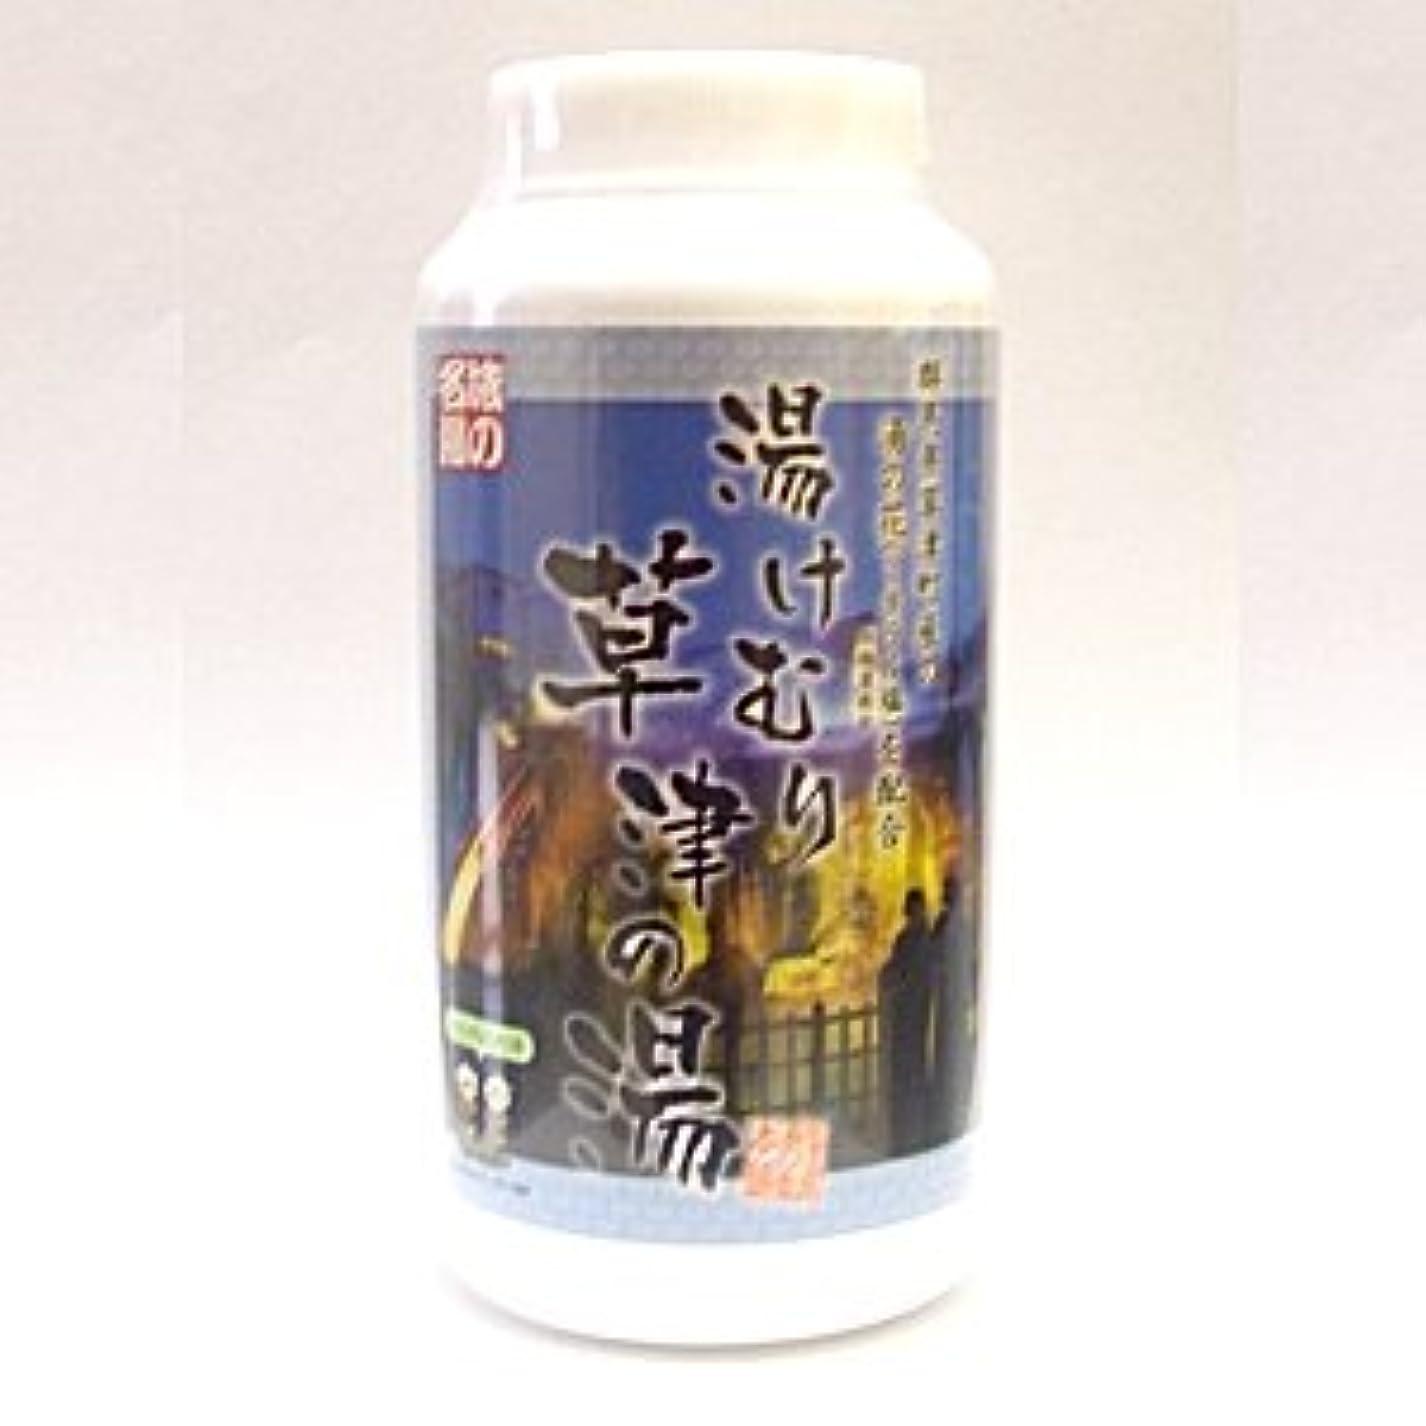 スワップたとえ毒湯けむり草津の湯 群馬県草津町産の「湯の花」配合 500g